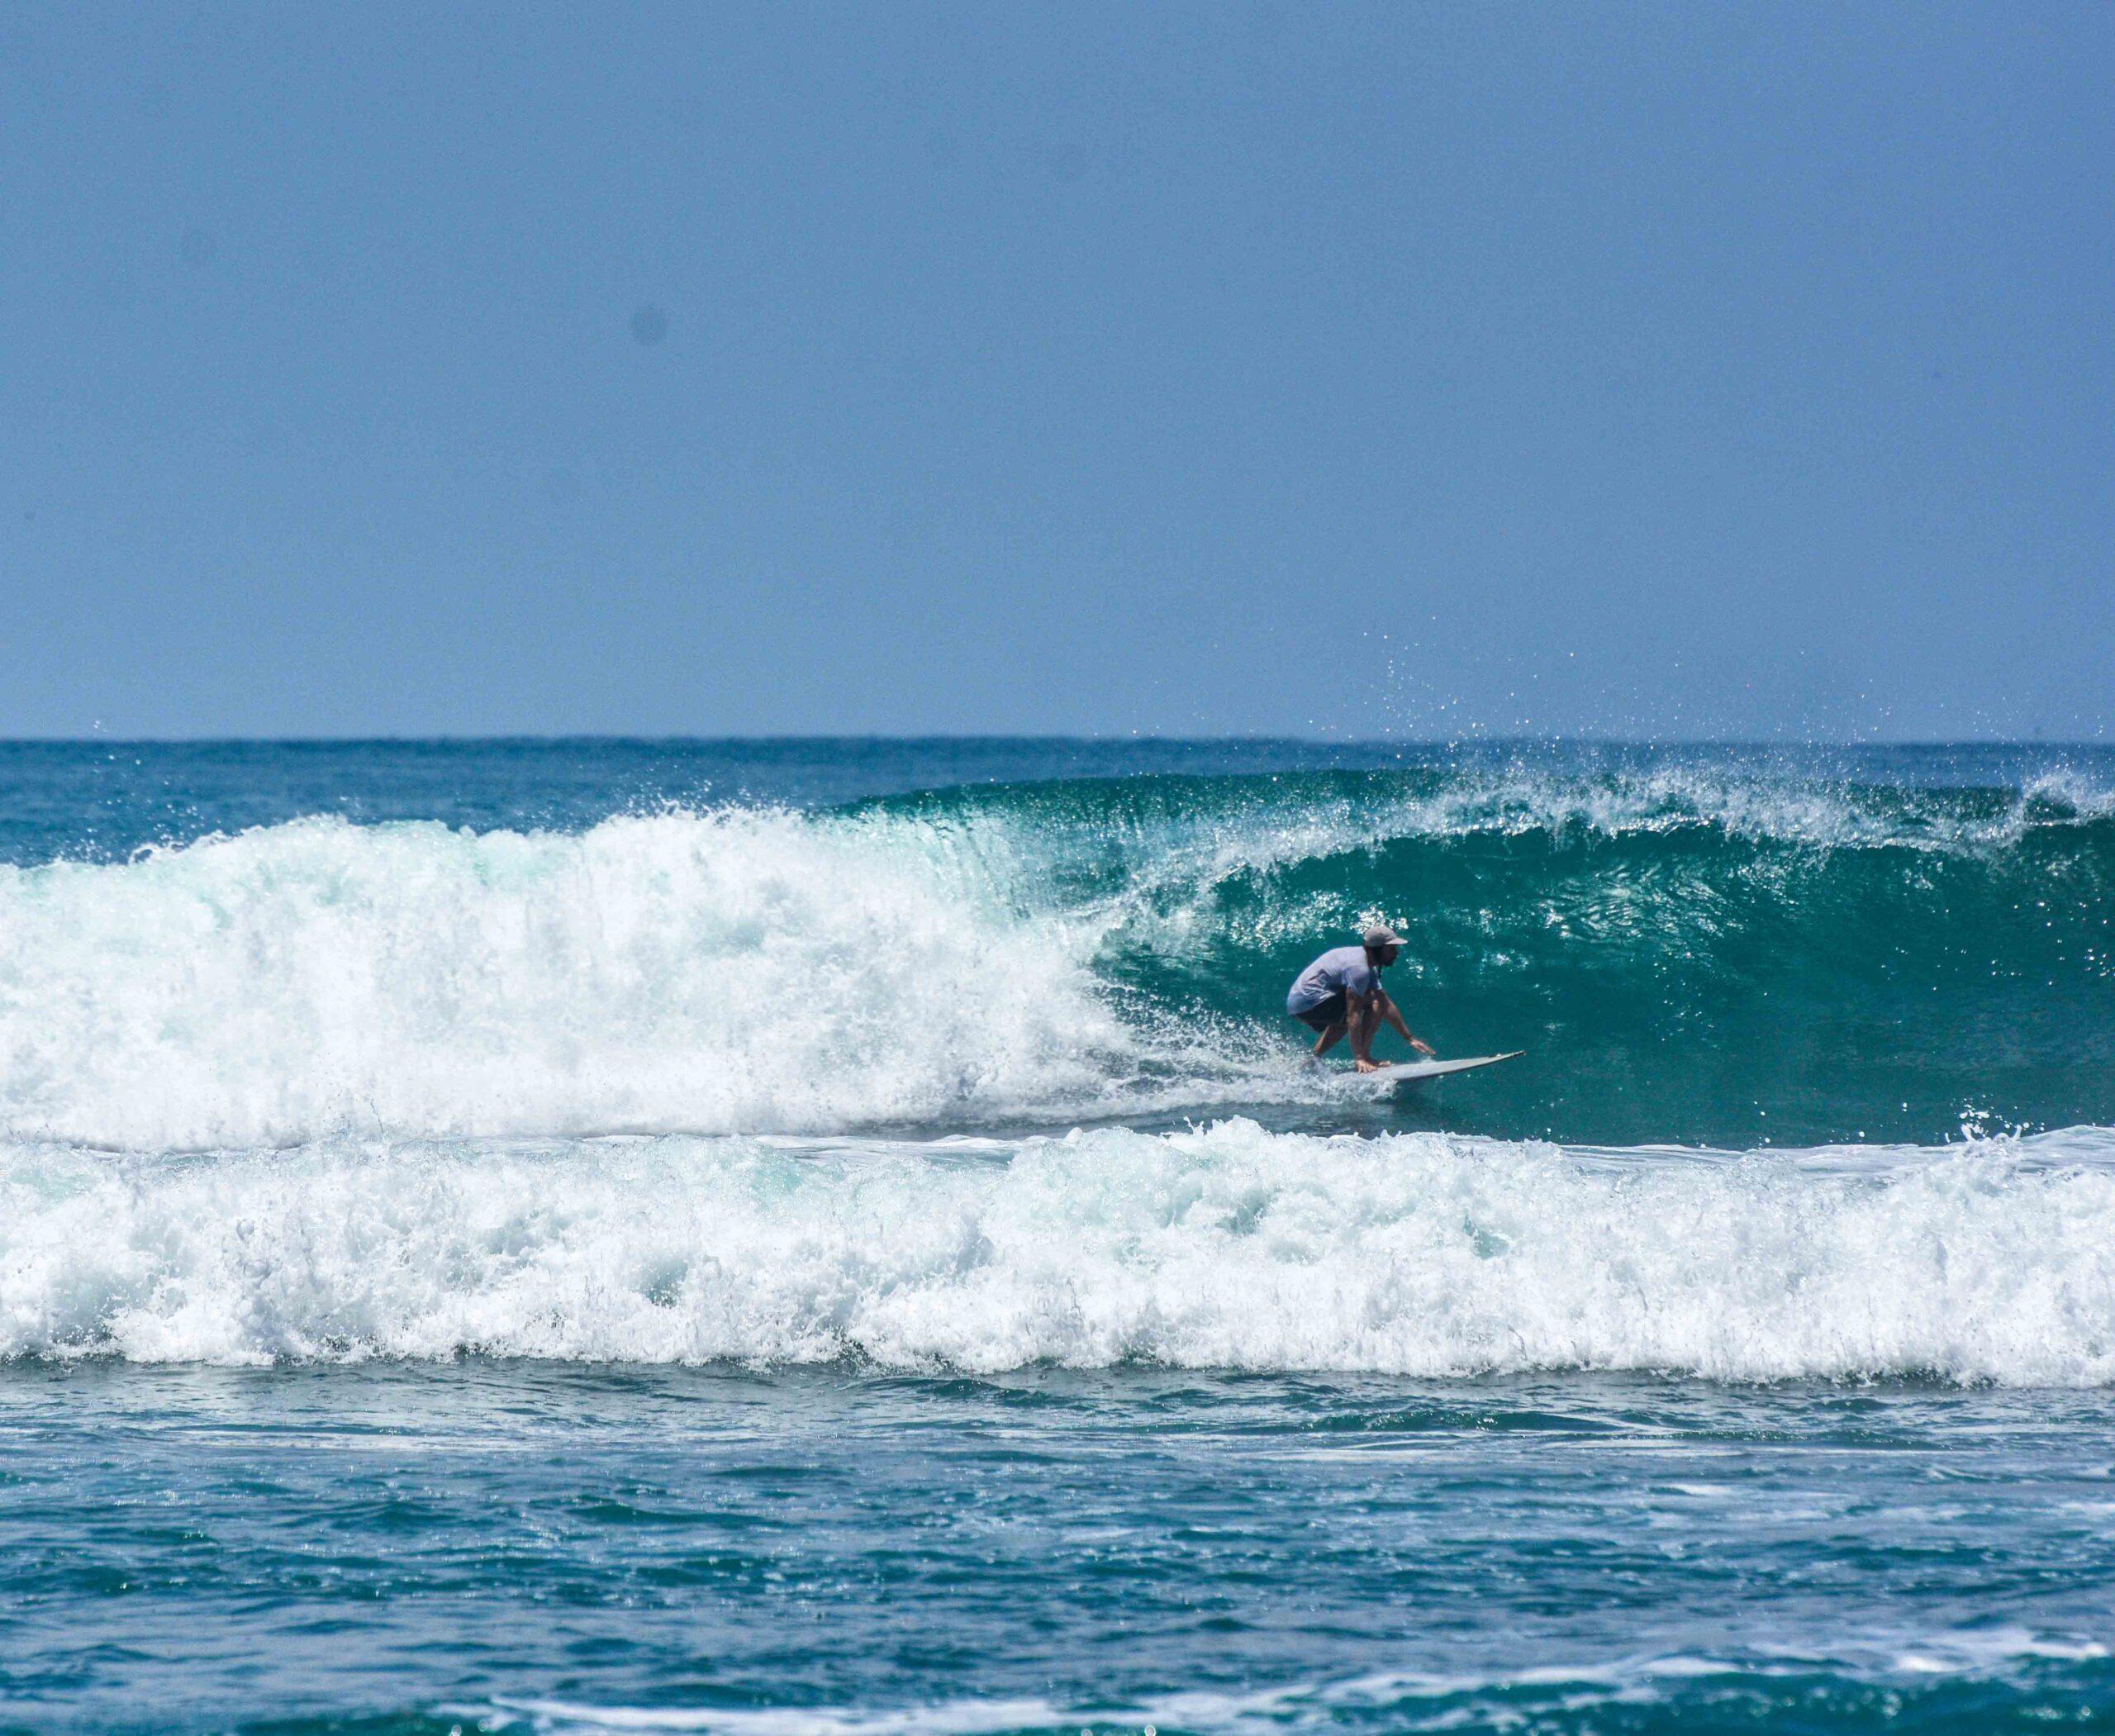 Surfer at Punta Banco Costa Rica